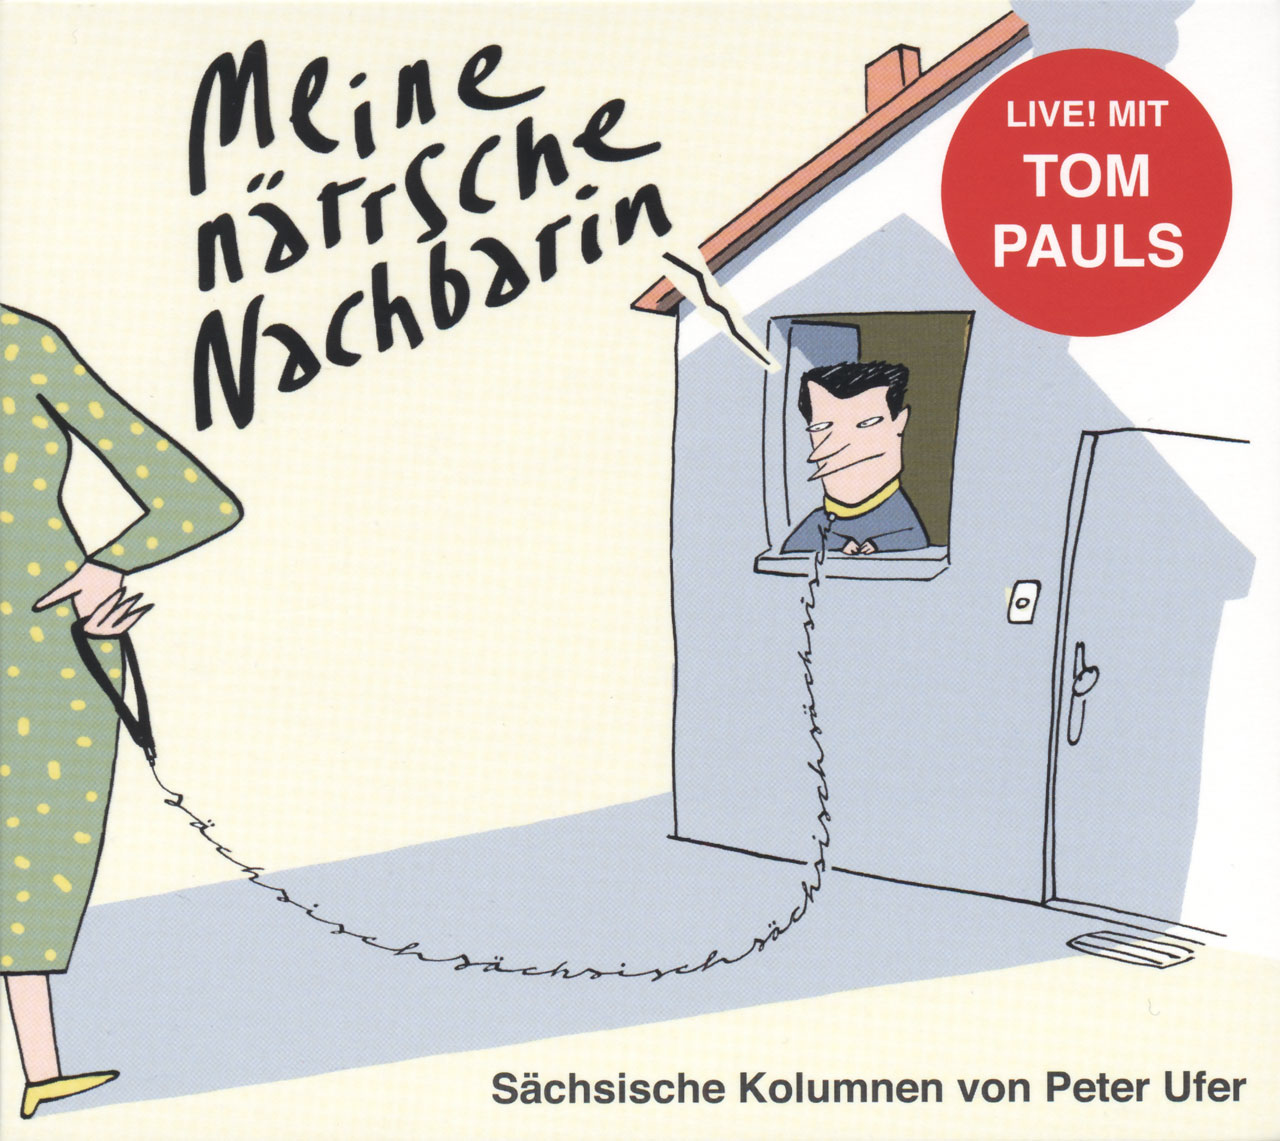 Meine närrsche Nachbarin Kolumnen von Peter Ufer